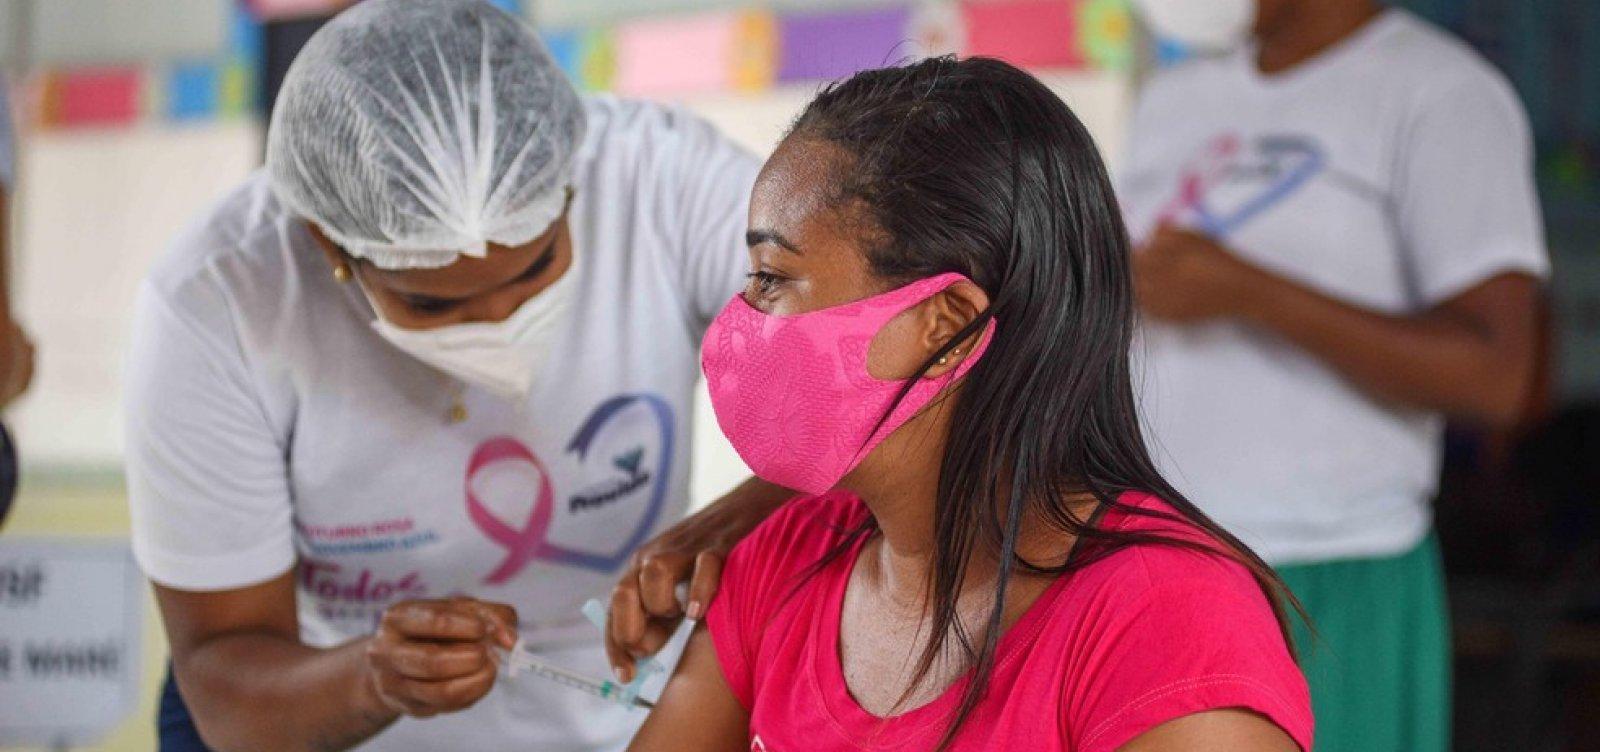 Obedecendo CIB, Vitória da Conquista inicia vacinação de adolescentes sem comorbidades nesta segunda